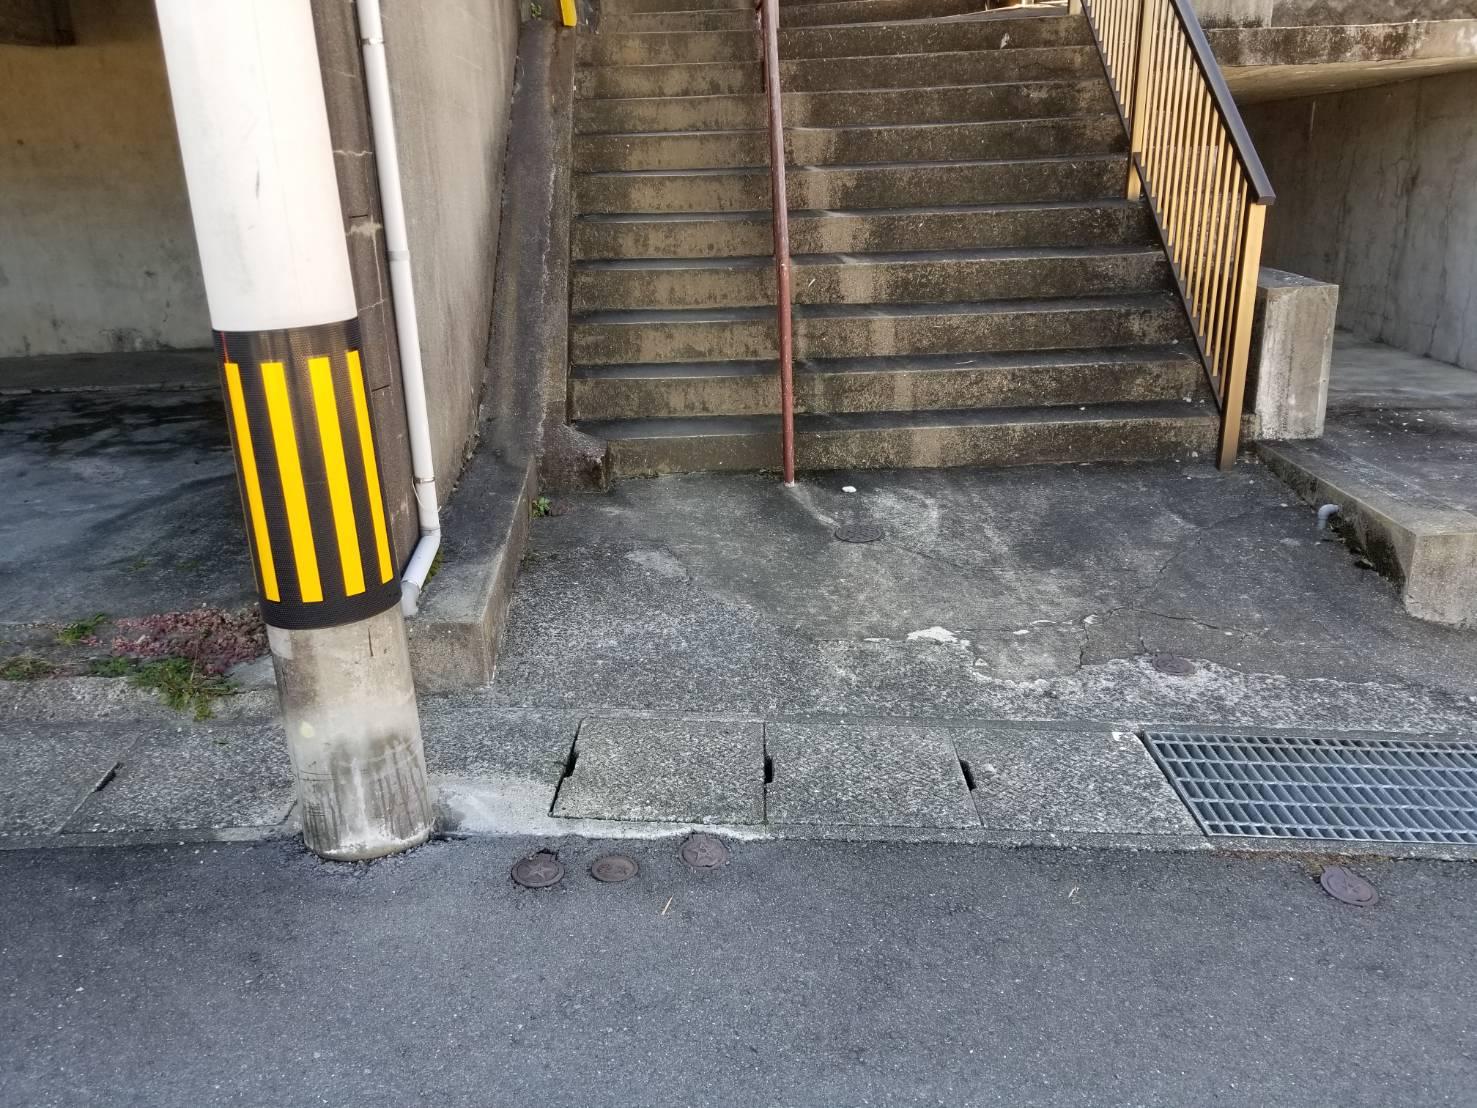 長崎県長崎市のスチールラックの回収後